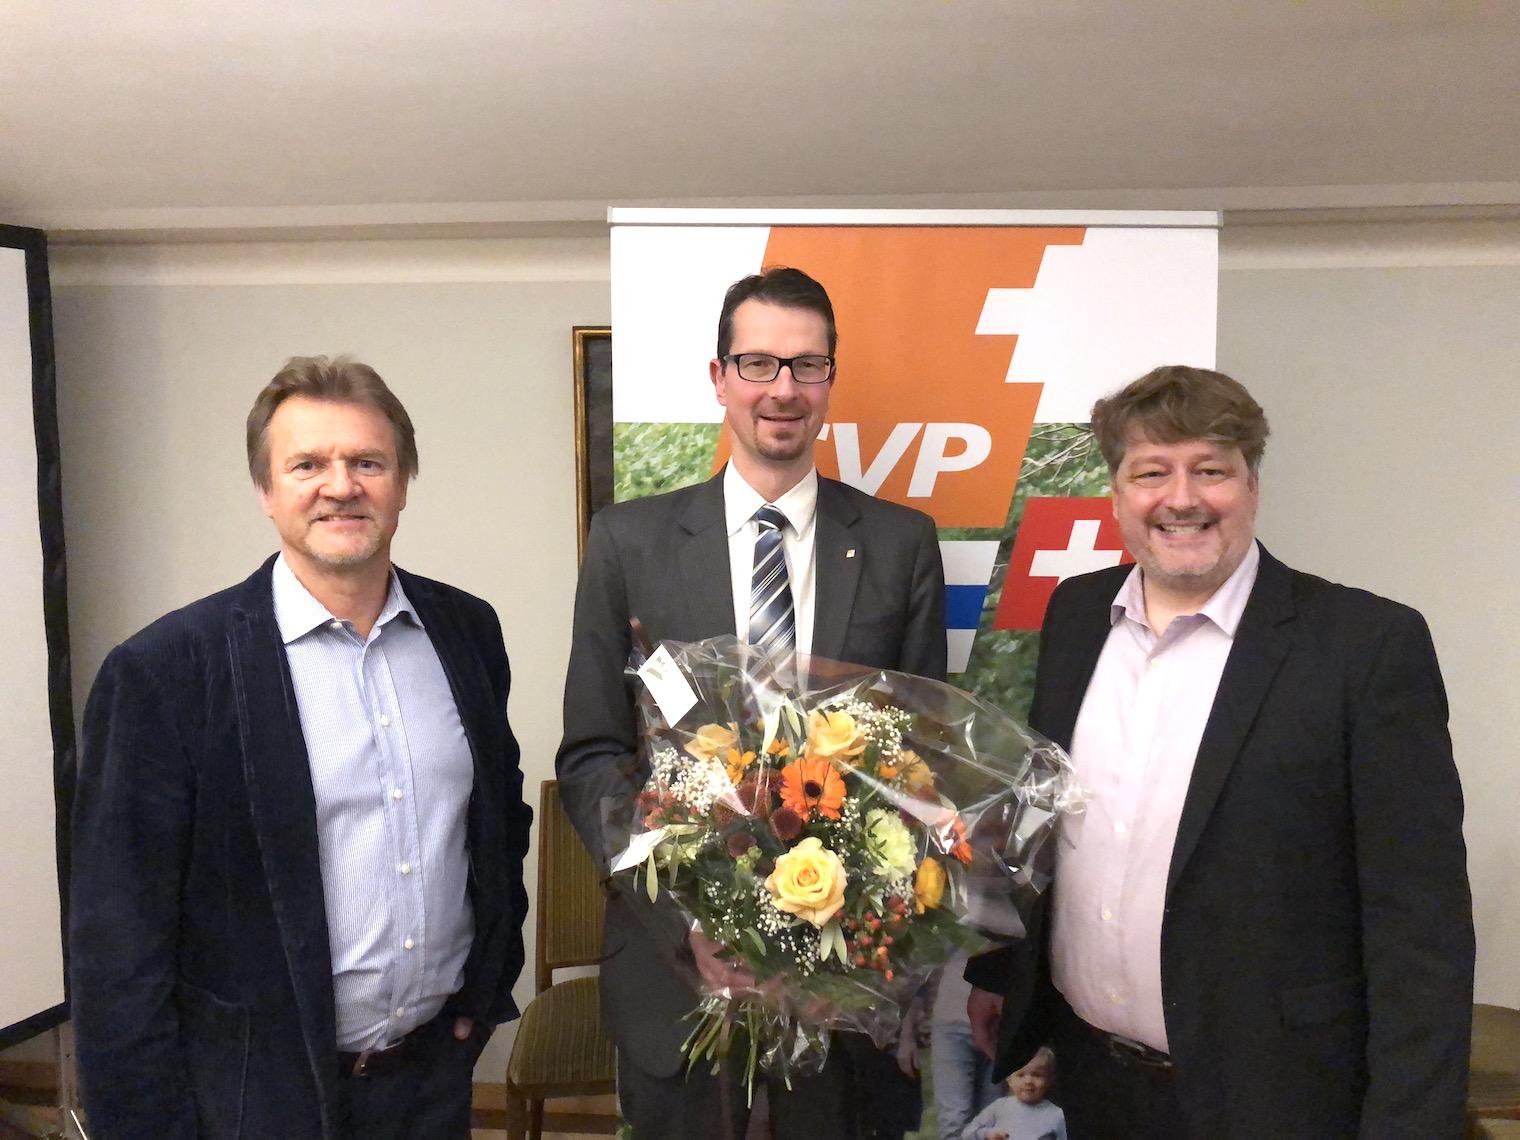 Benny Elsener, Präsident der CVP der Stadt Zug (links), Stadtrat Urs Raschle und CVP-Wahlkampfleiter Niklaus Huwyler.